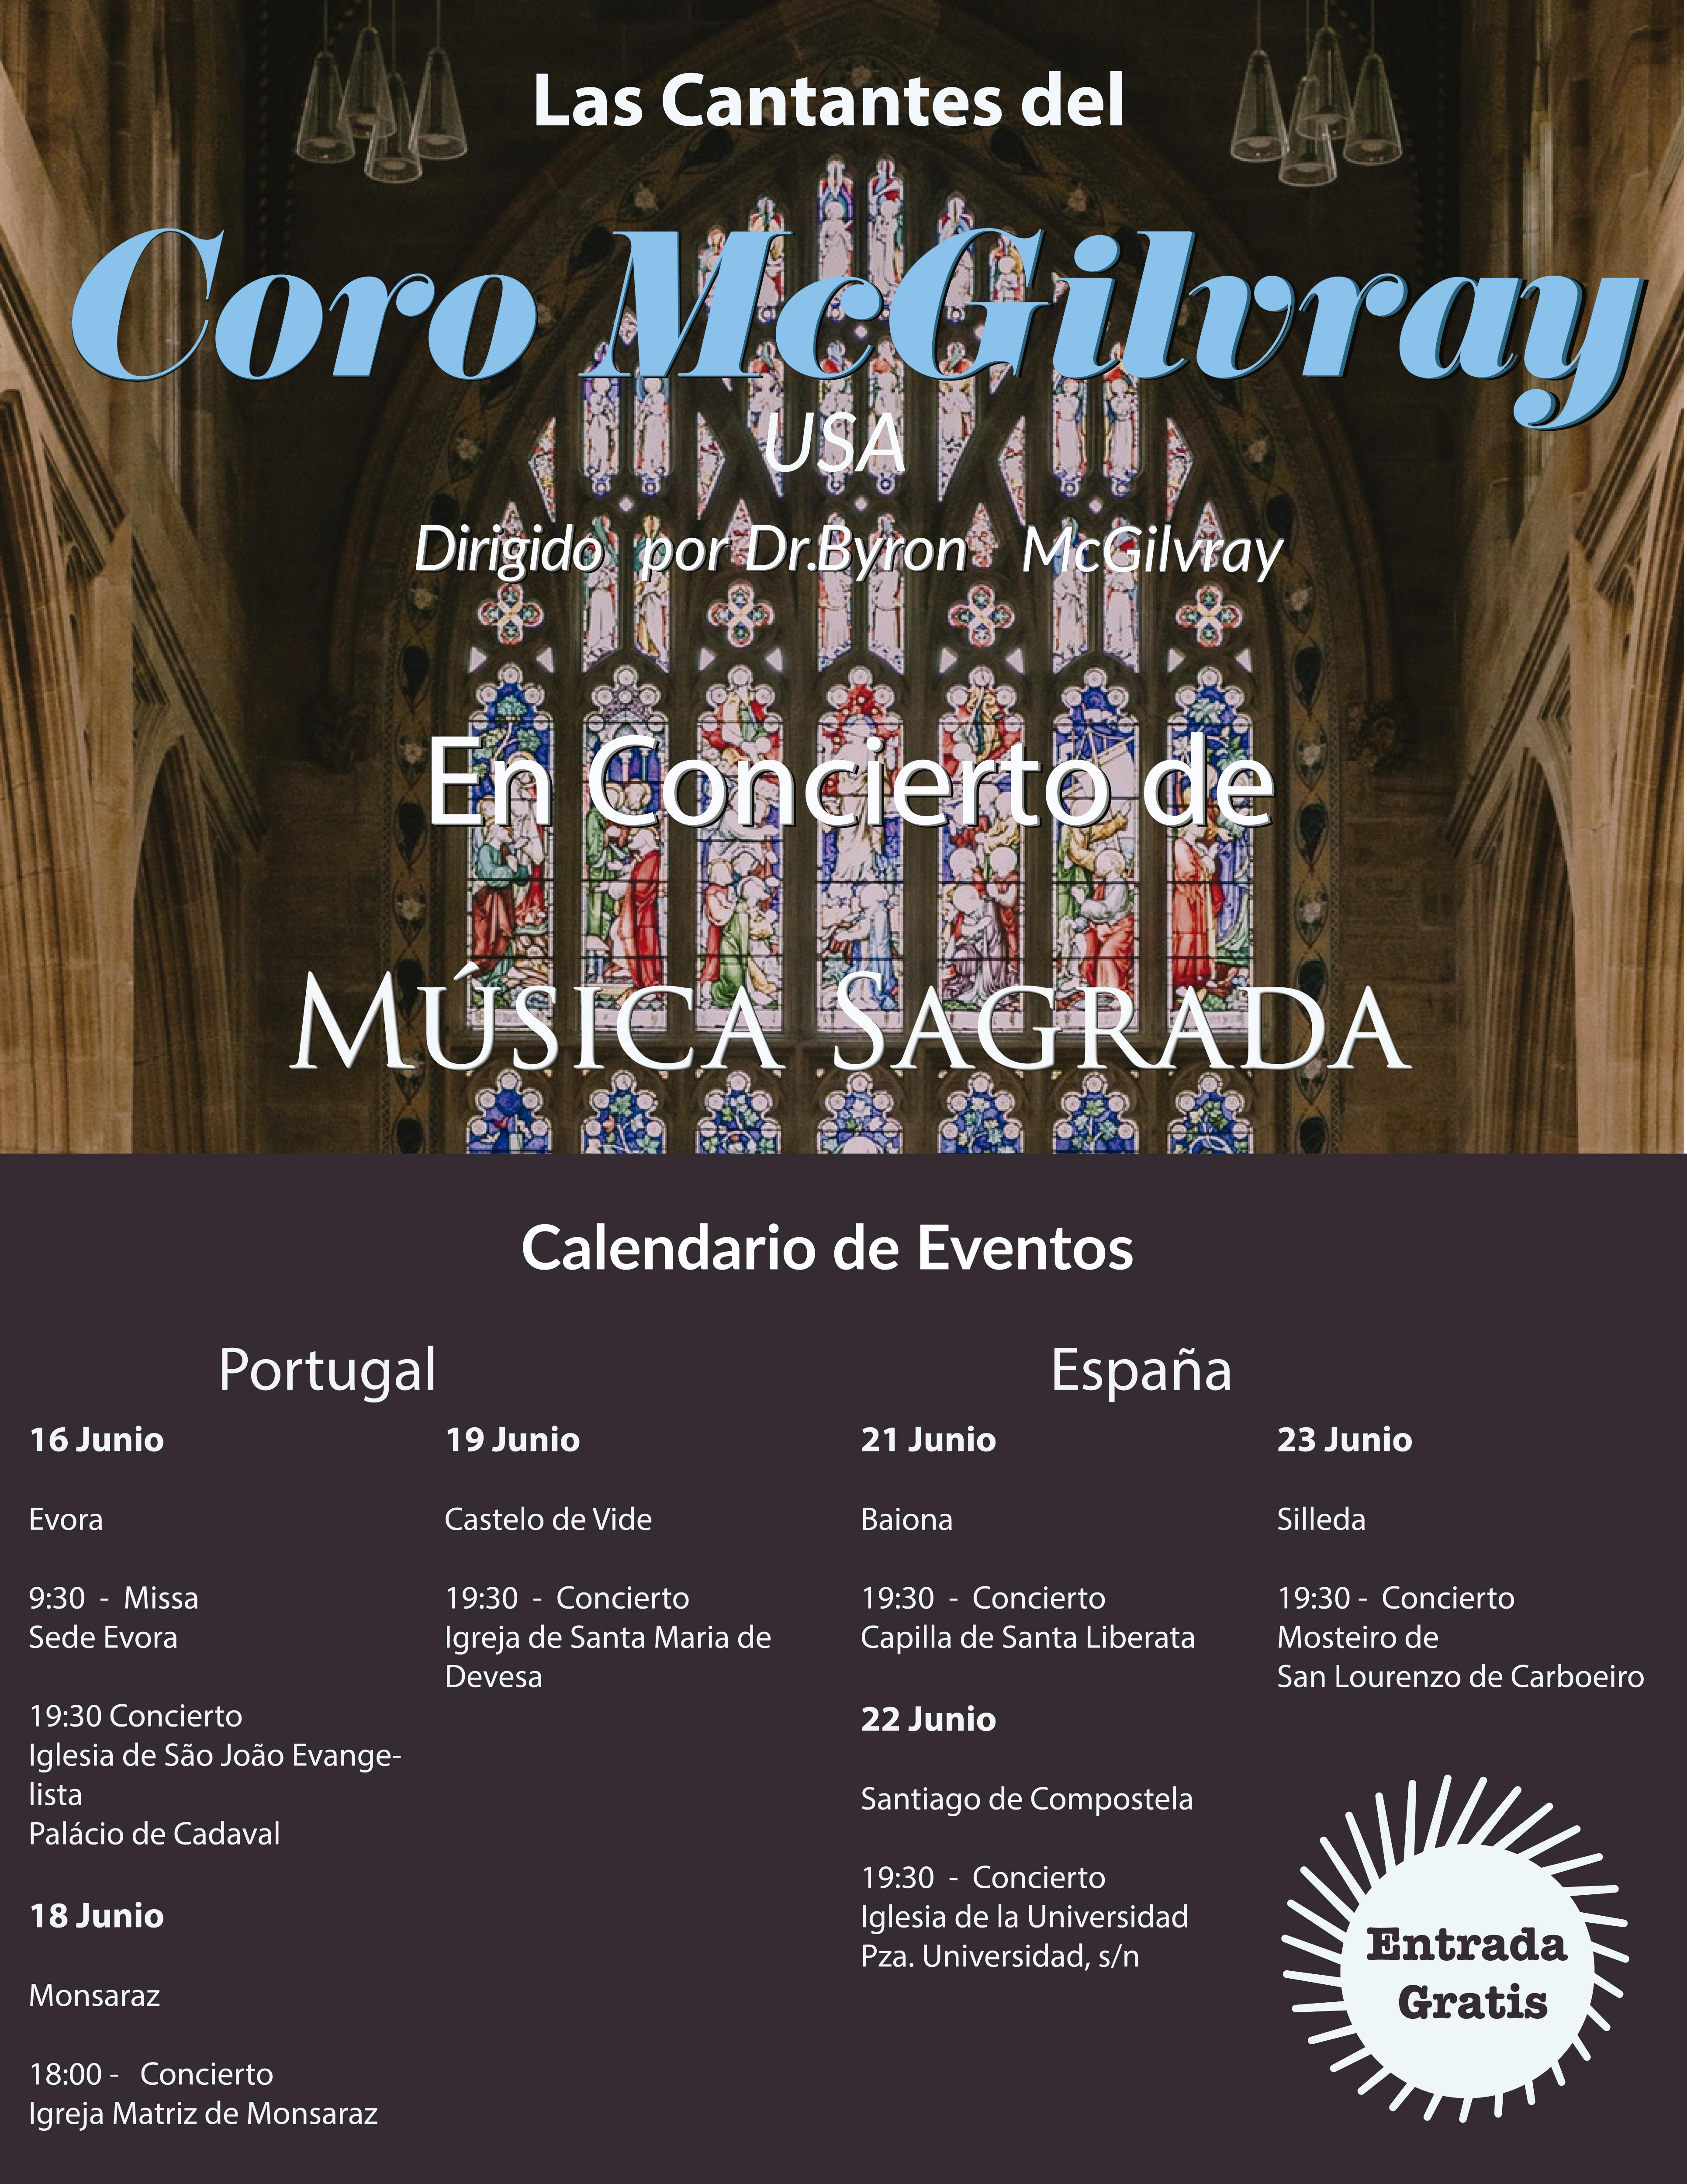 Carboeiro acolle o domingo 23 o concerto de música saca do coro feminino estadounidense The Ladies of the MacGilvray Chorale